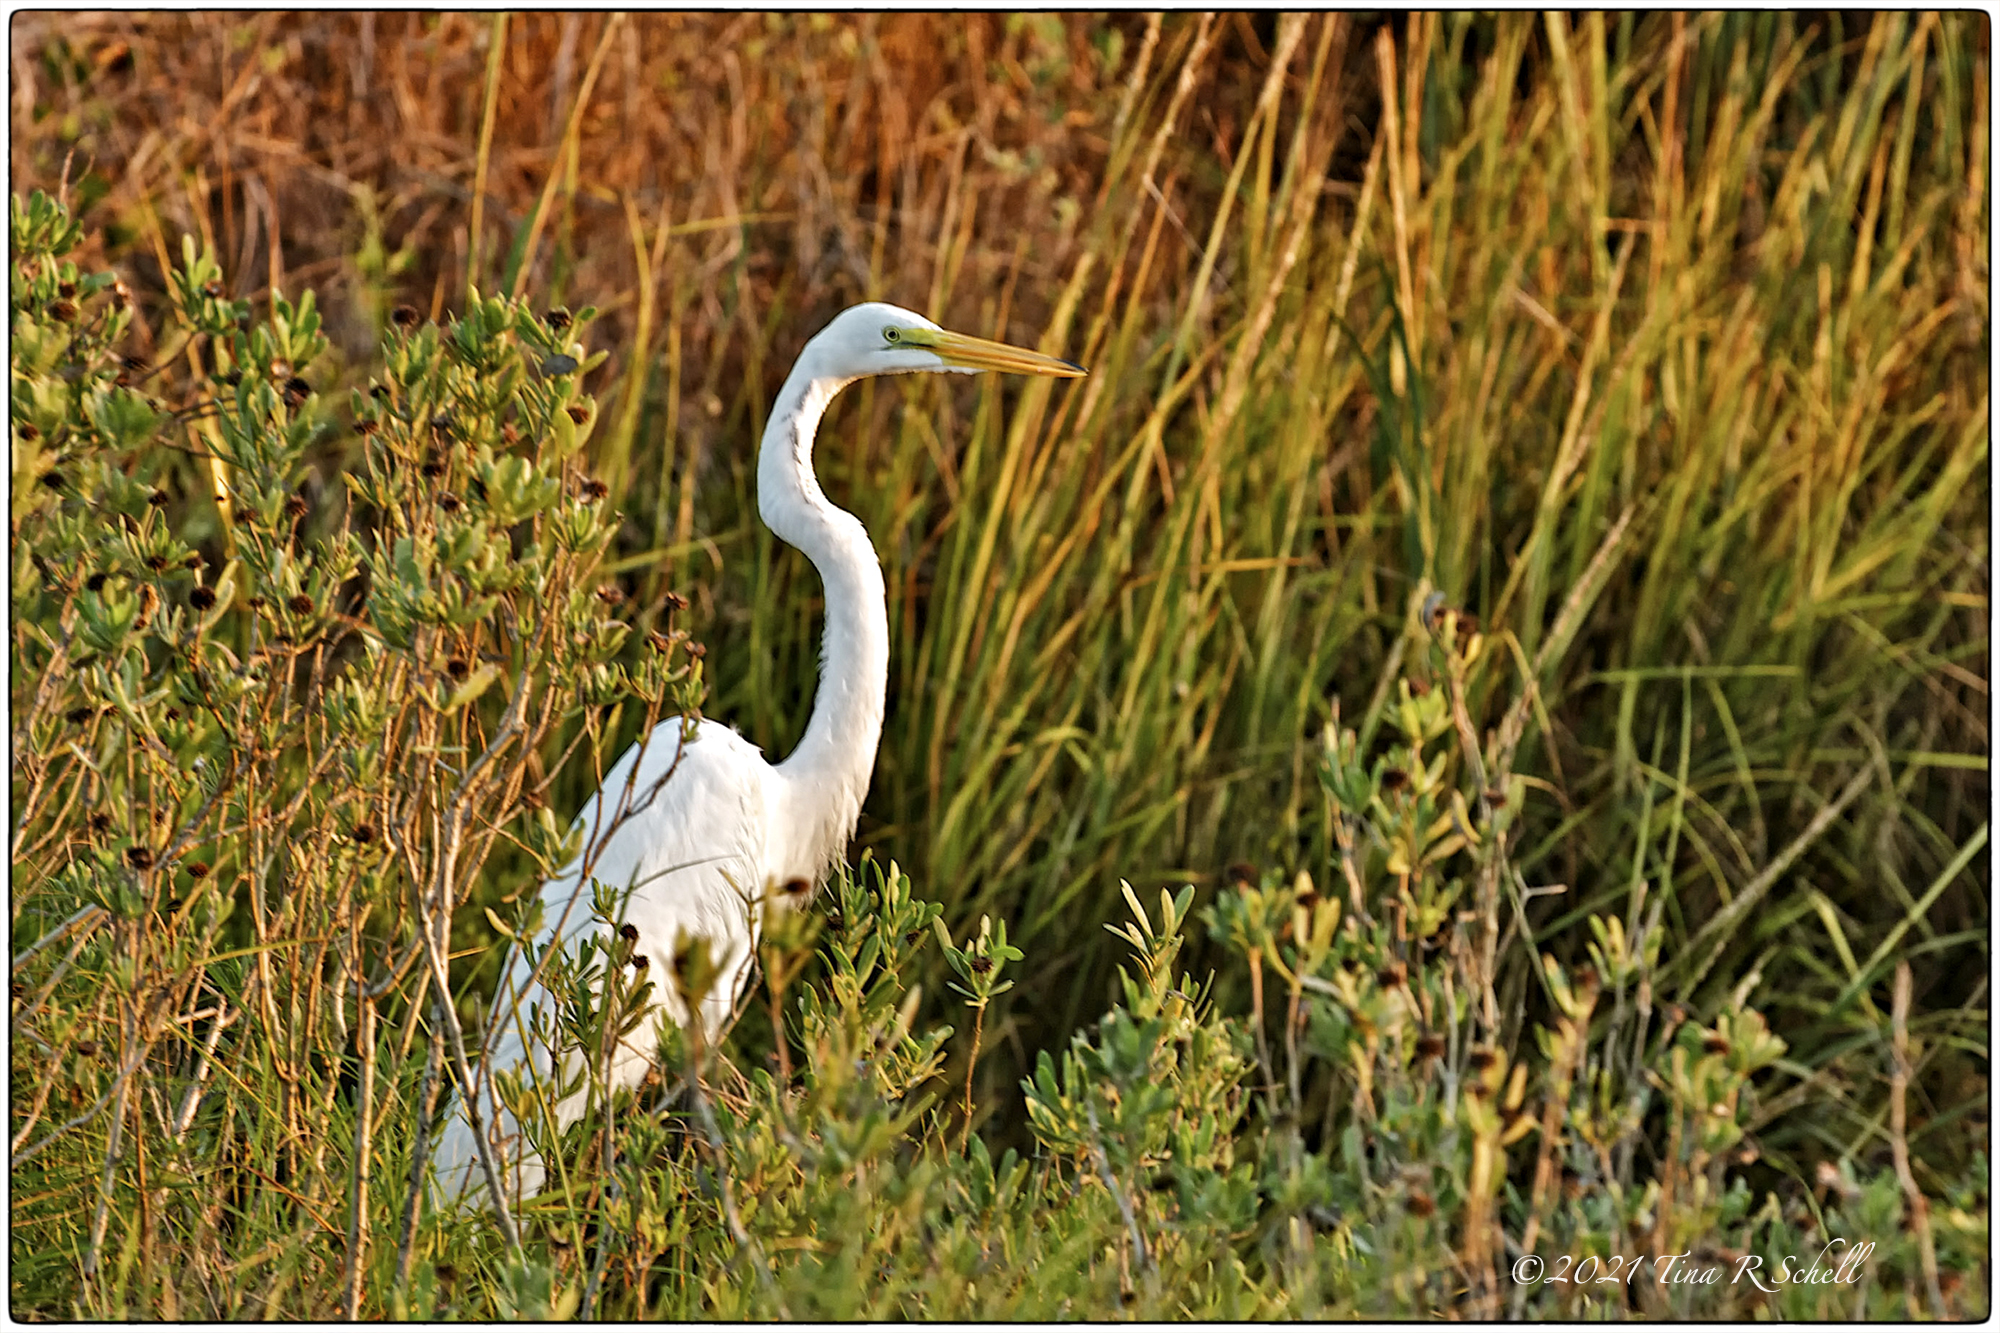 egret, autumn, grasses, marsh